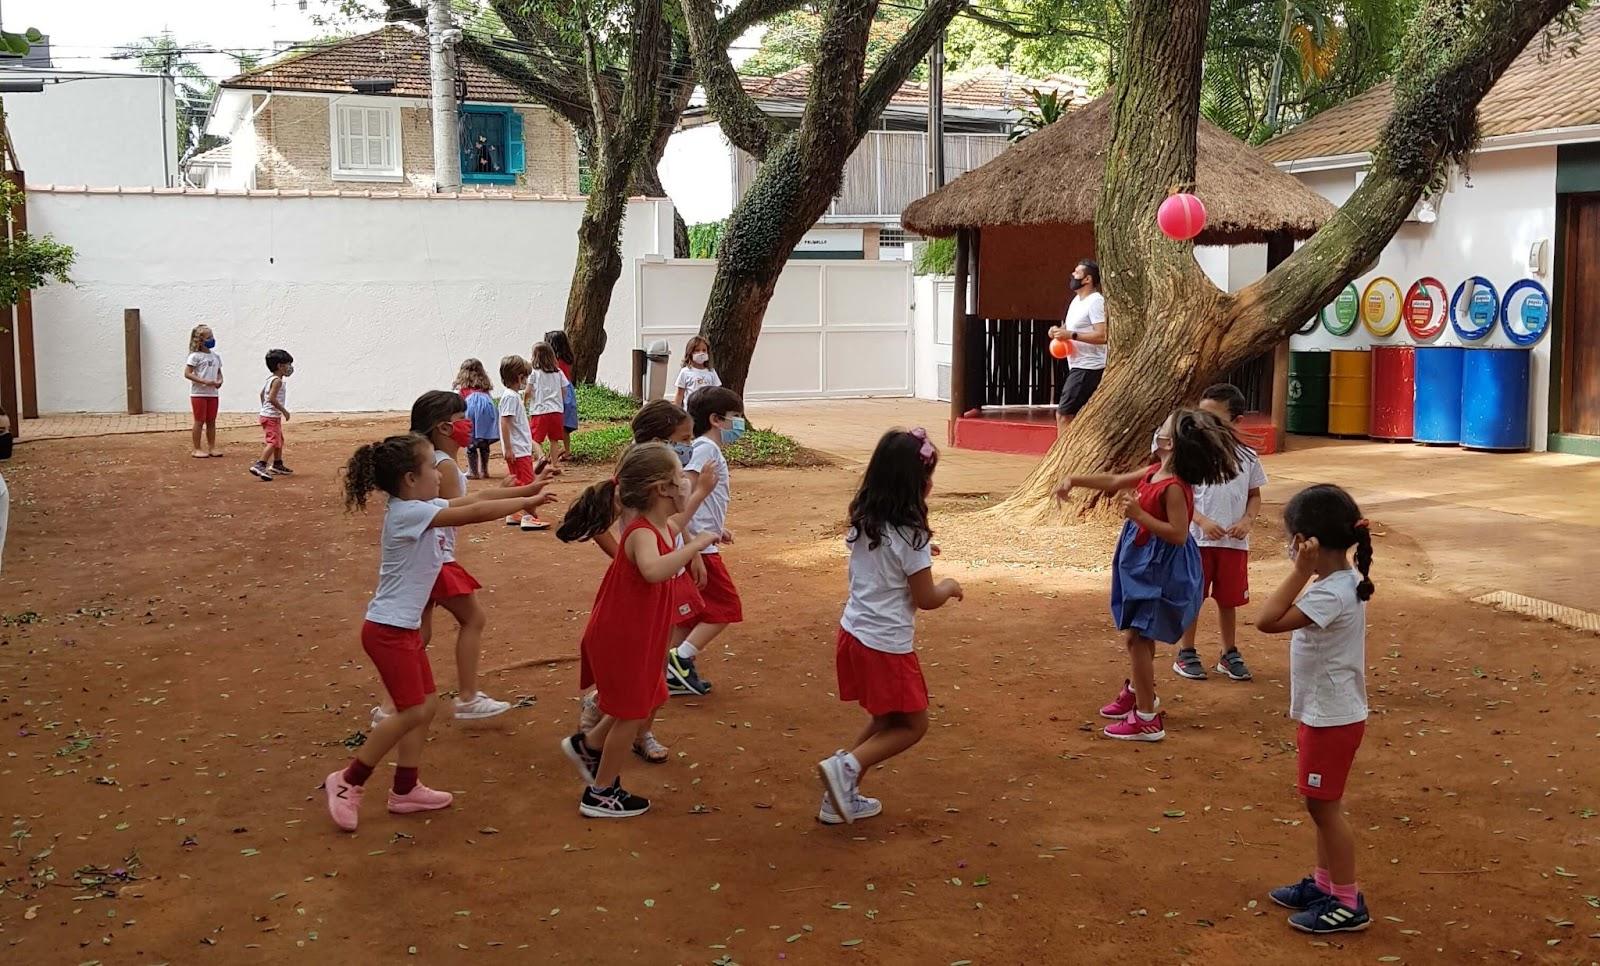 A imagem mostra um grupo de crianças jogando bola em um quintal de terra com árvores.